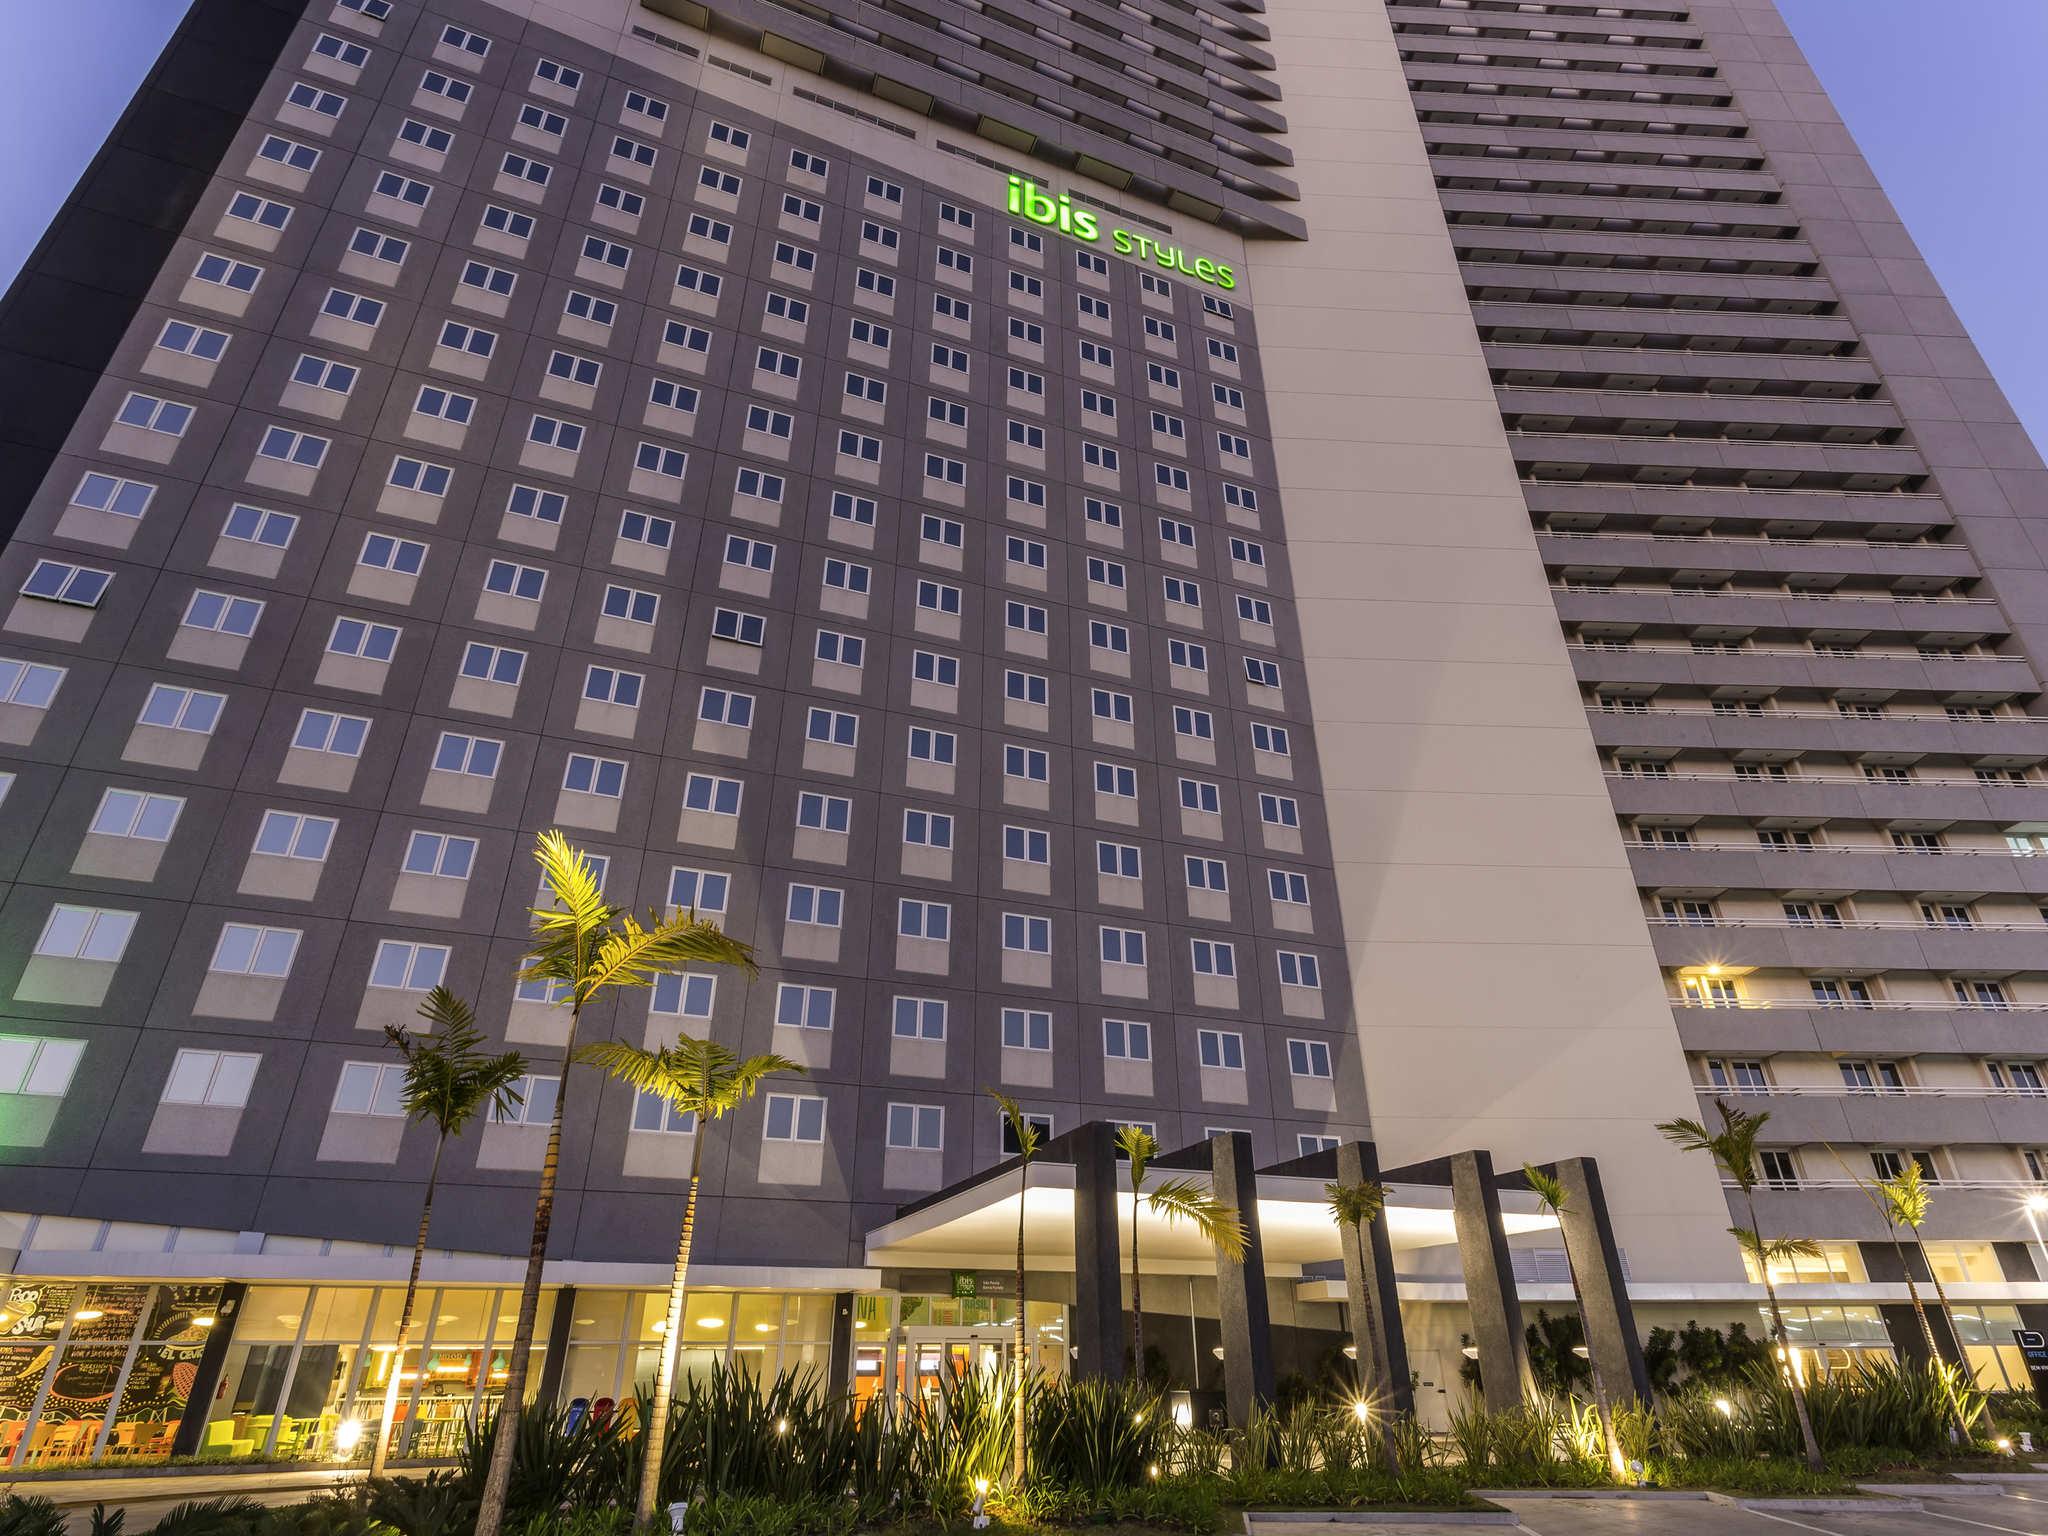 fundas para sofa en peru buy used hotel in sao paulo ibis styles barra funda